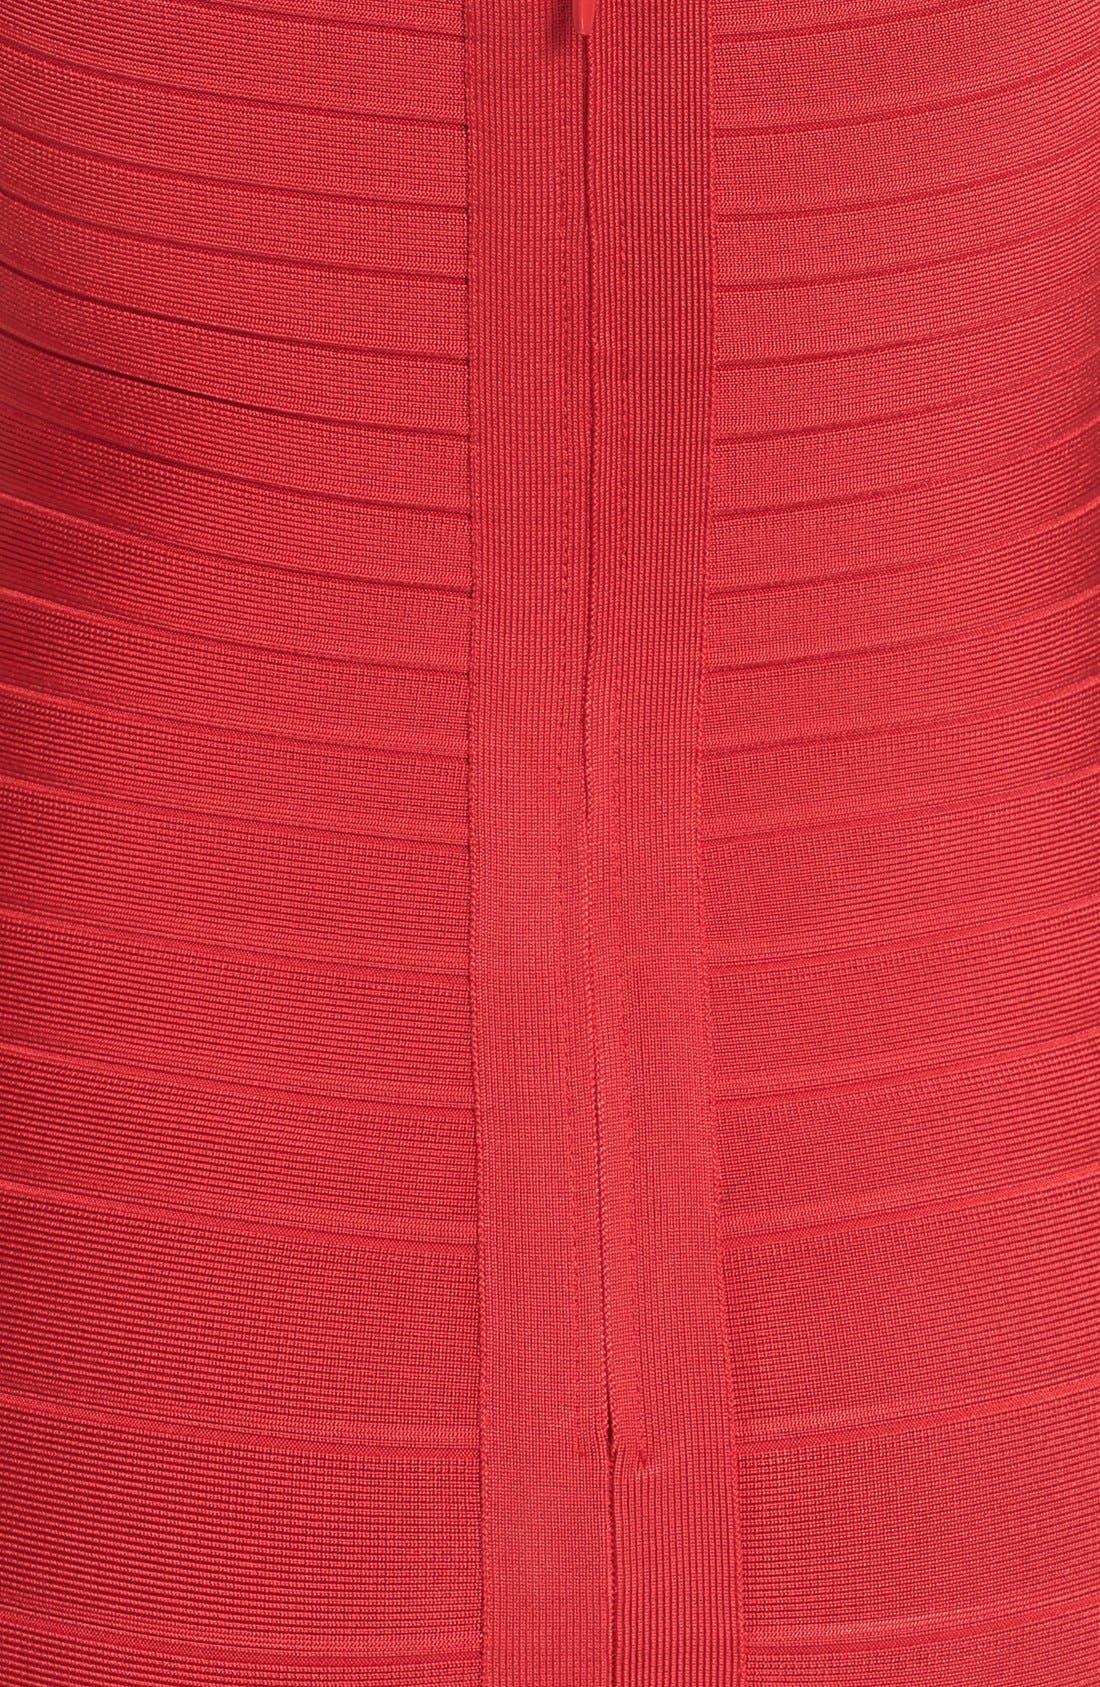 Alternate Image 3  - Herve Leger Open Back Bandage Dress